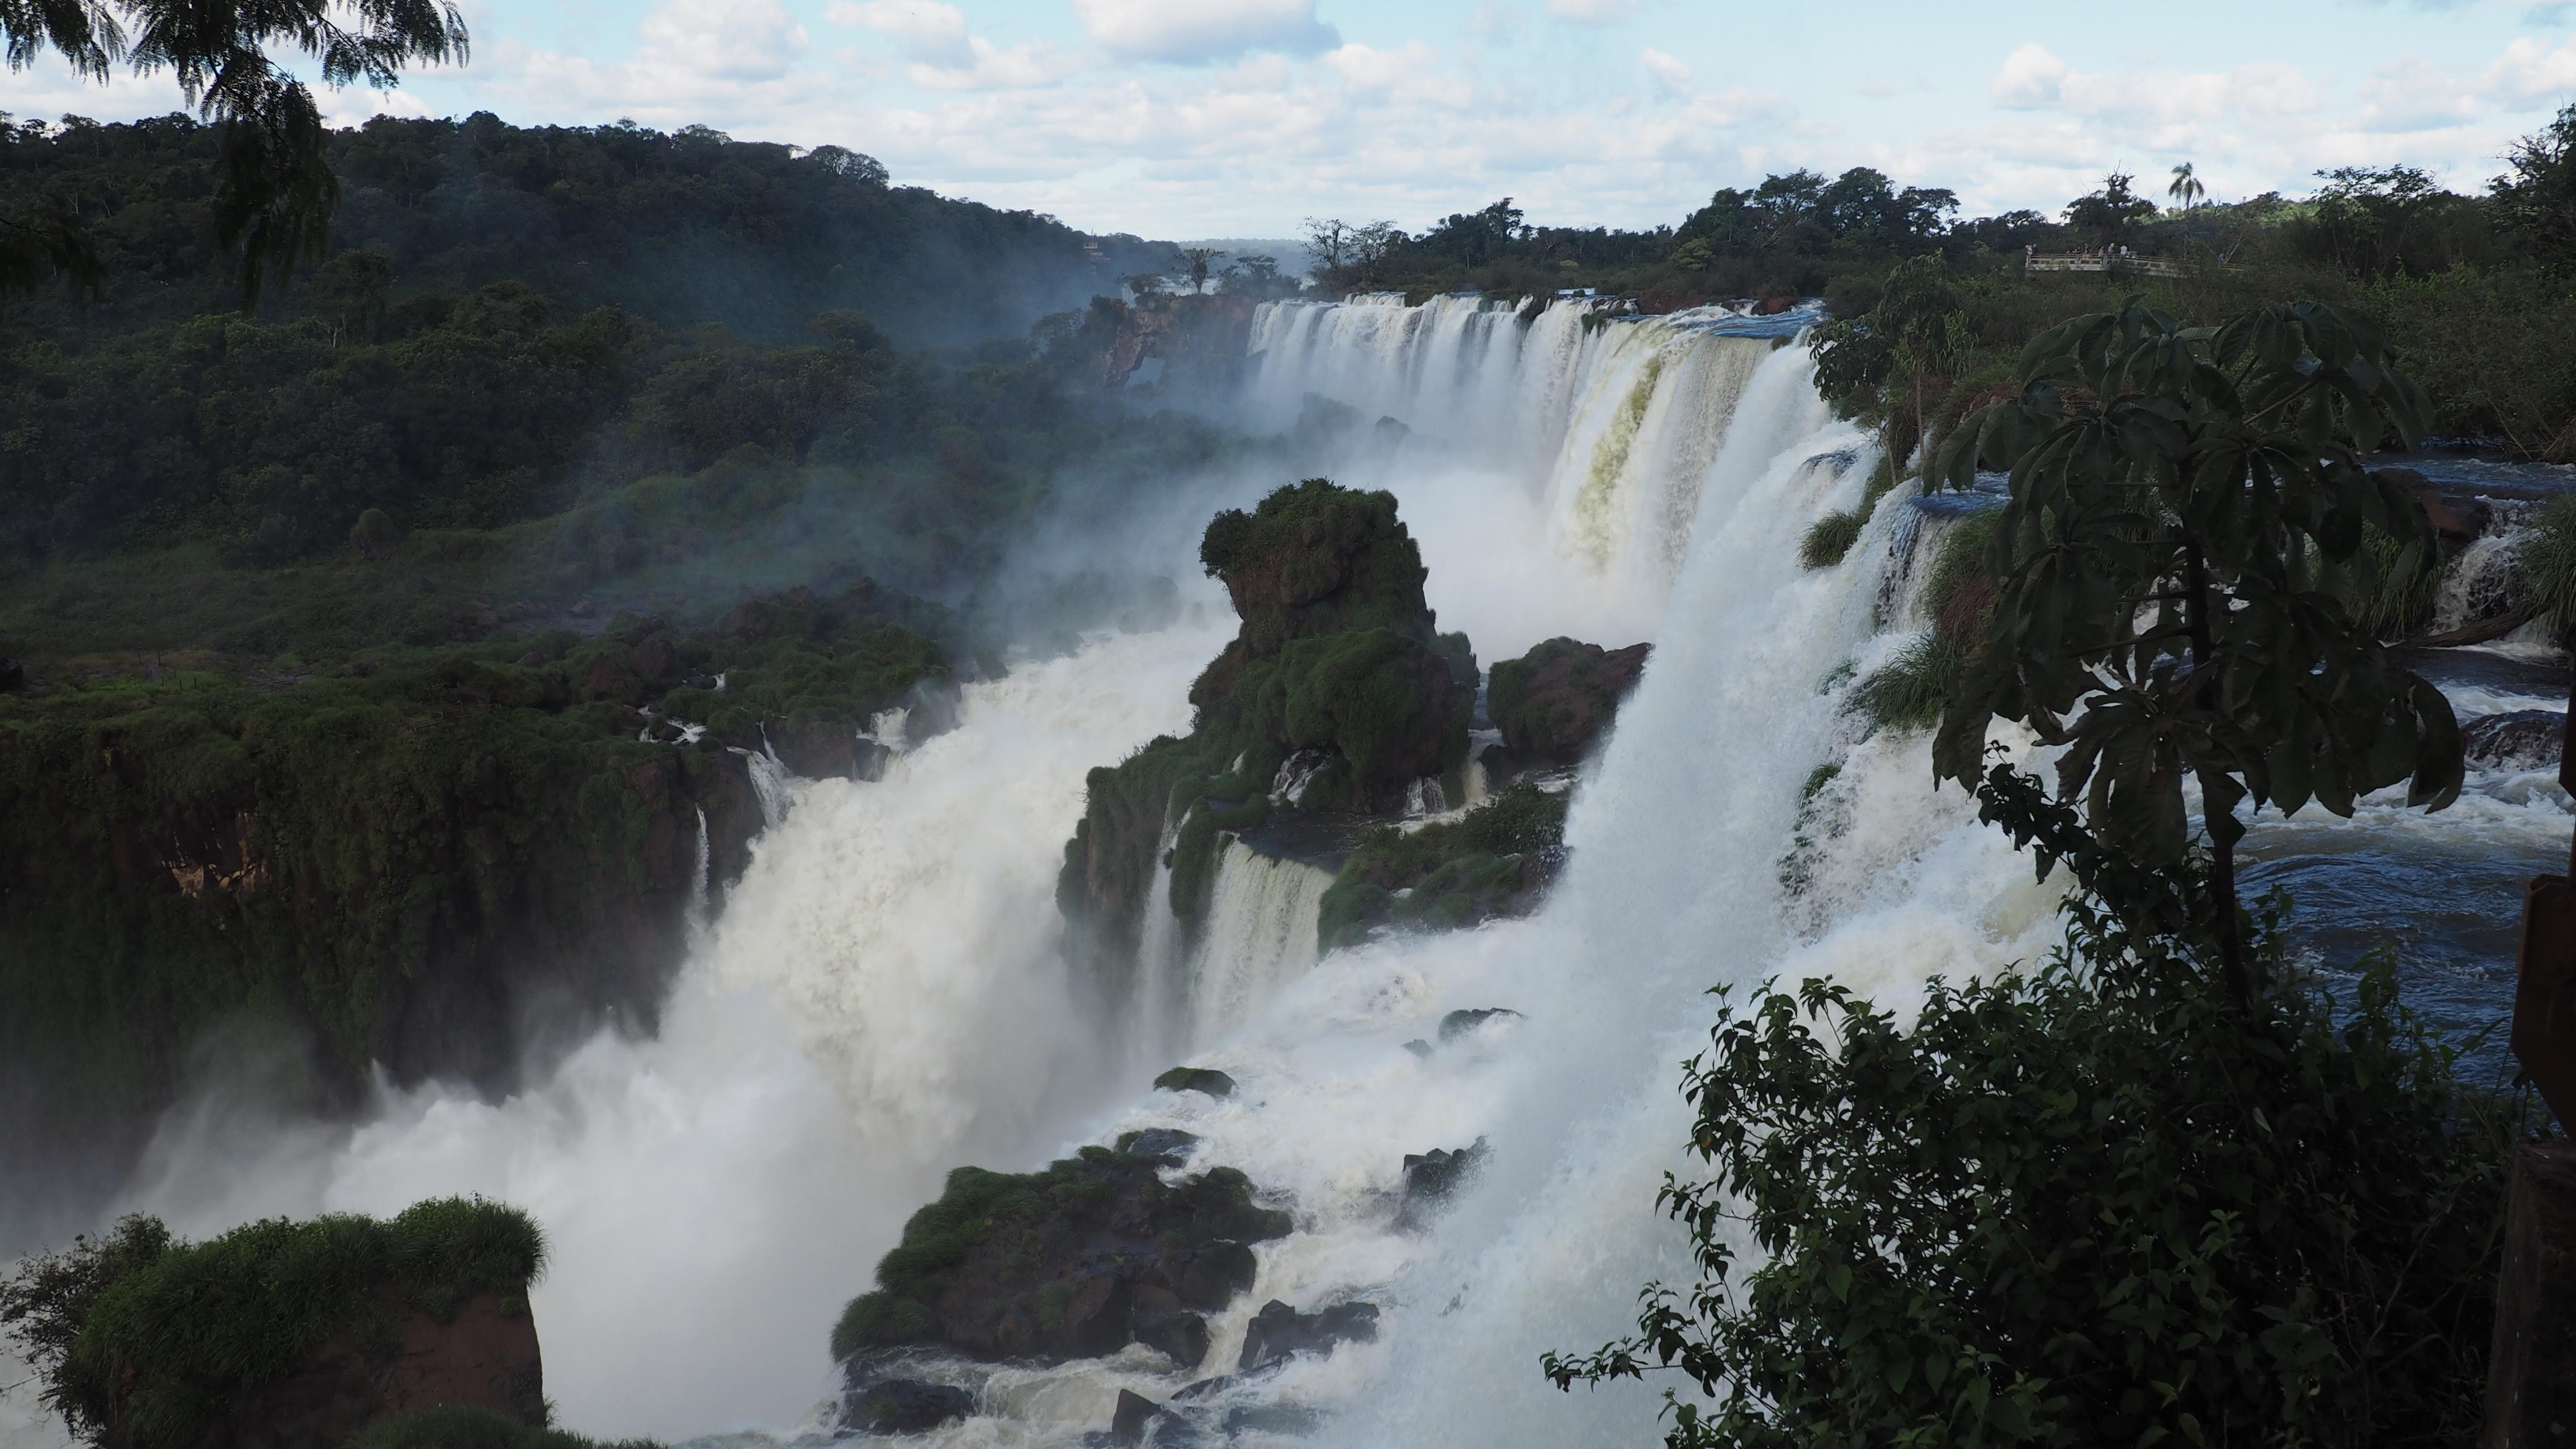 Vista de las Cataratas del lado Argentino desde el Circuito Superior. Cuál es la mejor época para visitar las Cataratas del Iguazú